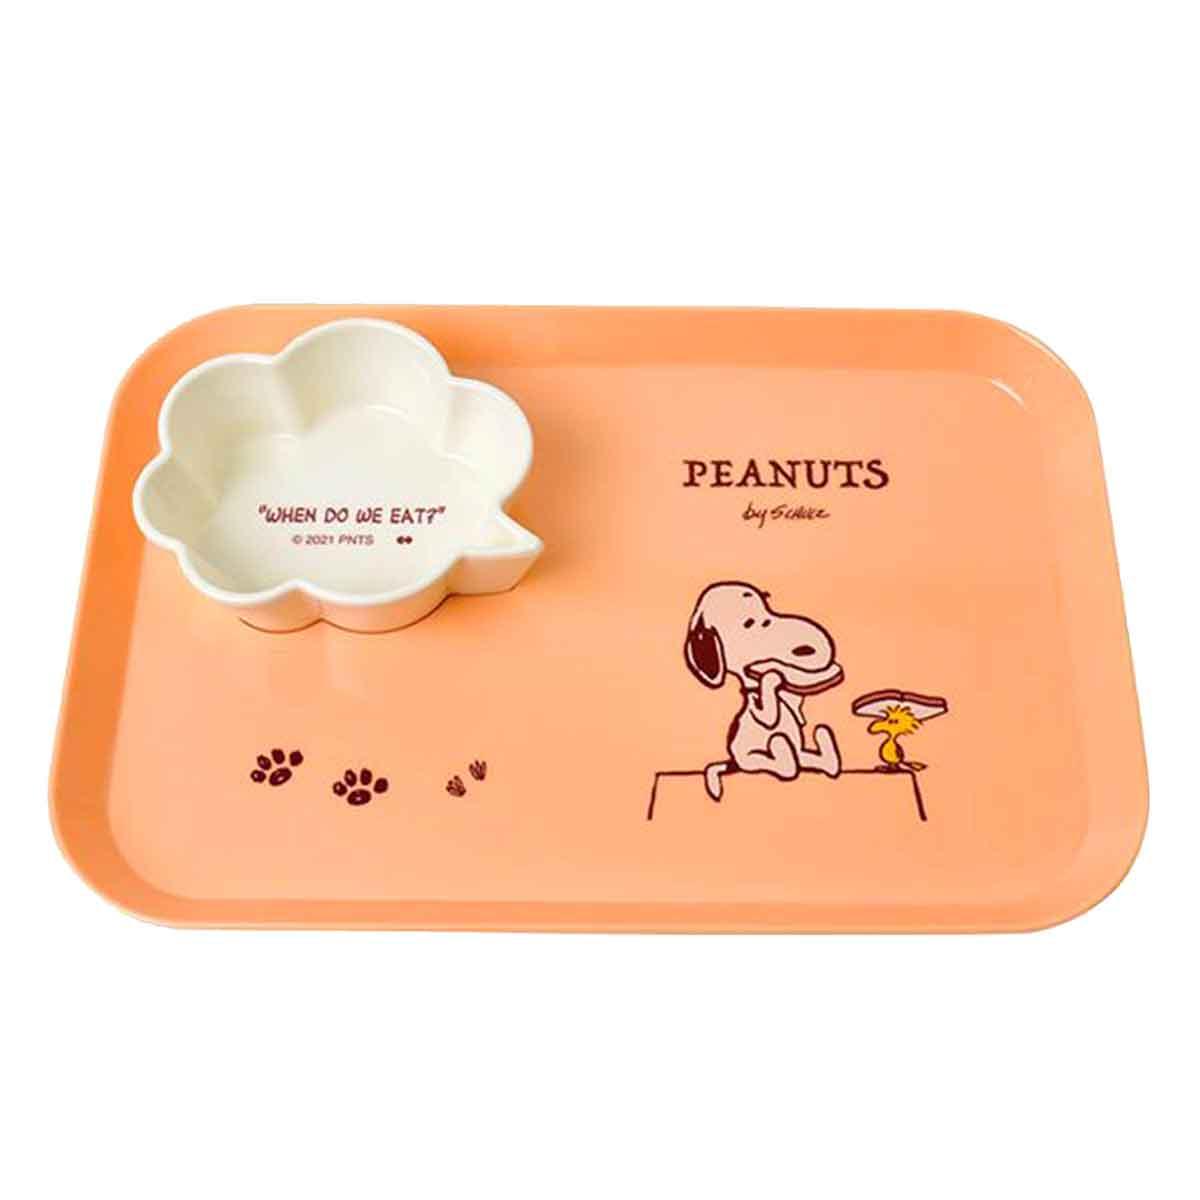 皿盤碟組 史努比 SNOOPY PEANUTS  盤子 日本進口正版授權